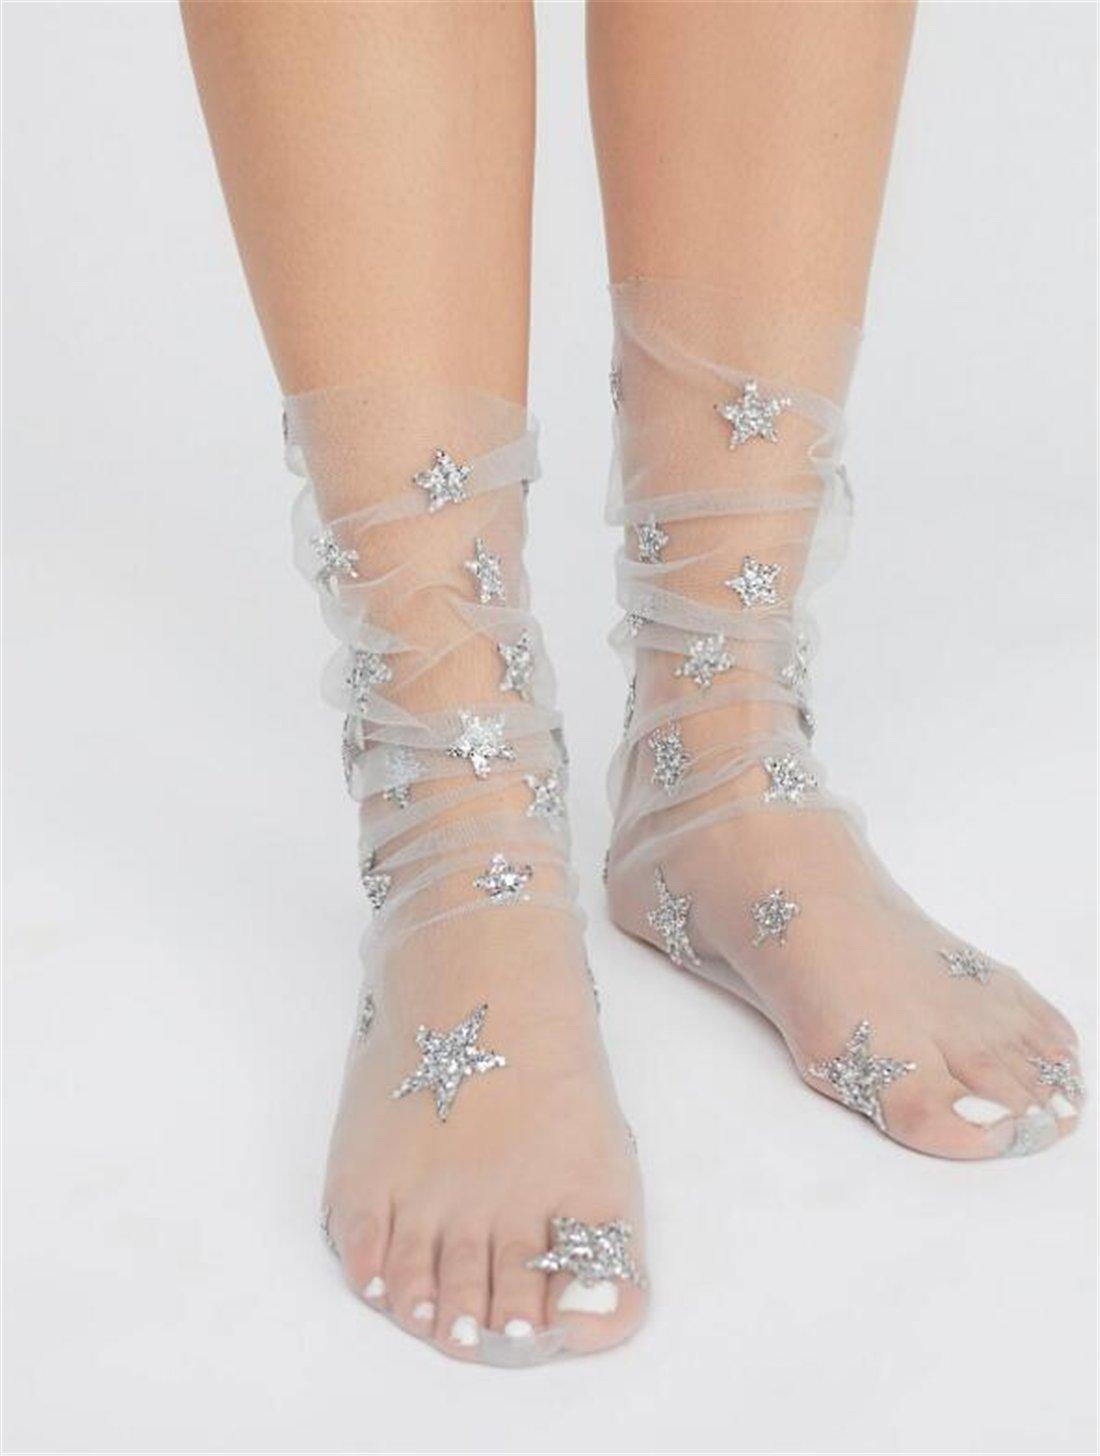 Tmrow 1pair Womens Stars Sparkle Ankle Socks Sheer Slouch Mesh Glitter Socks,Pink